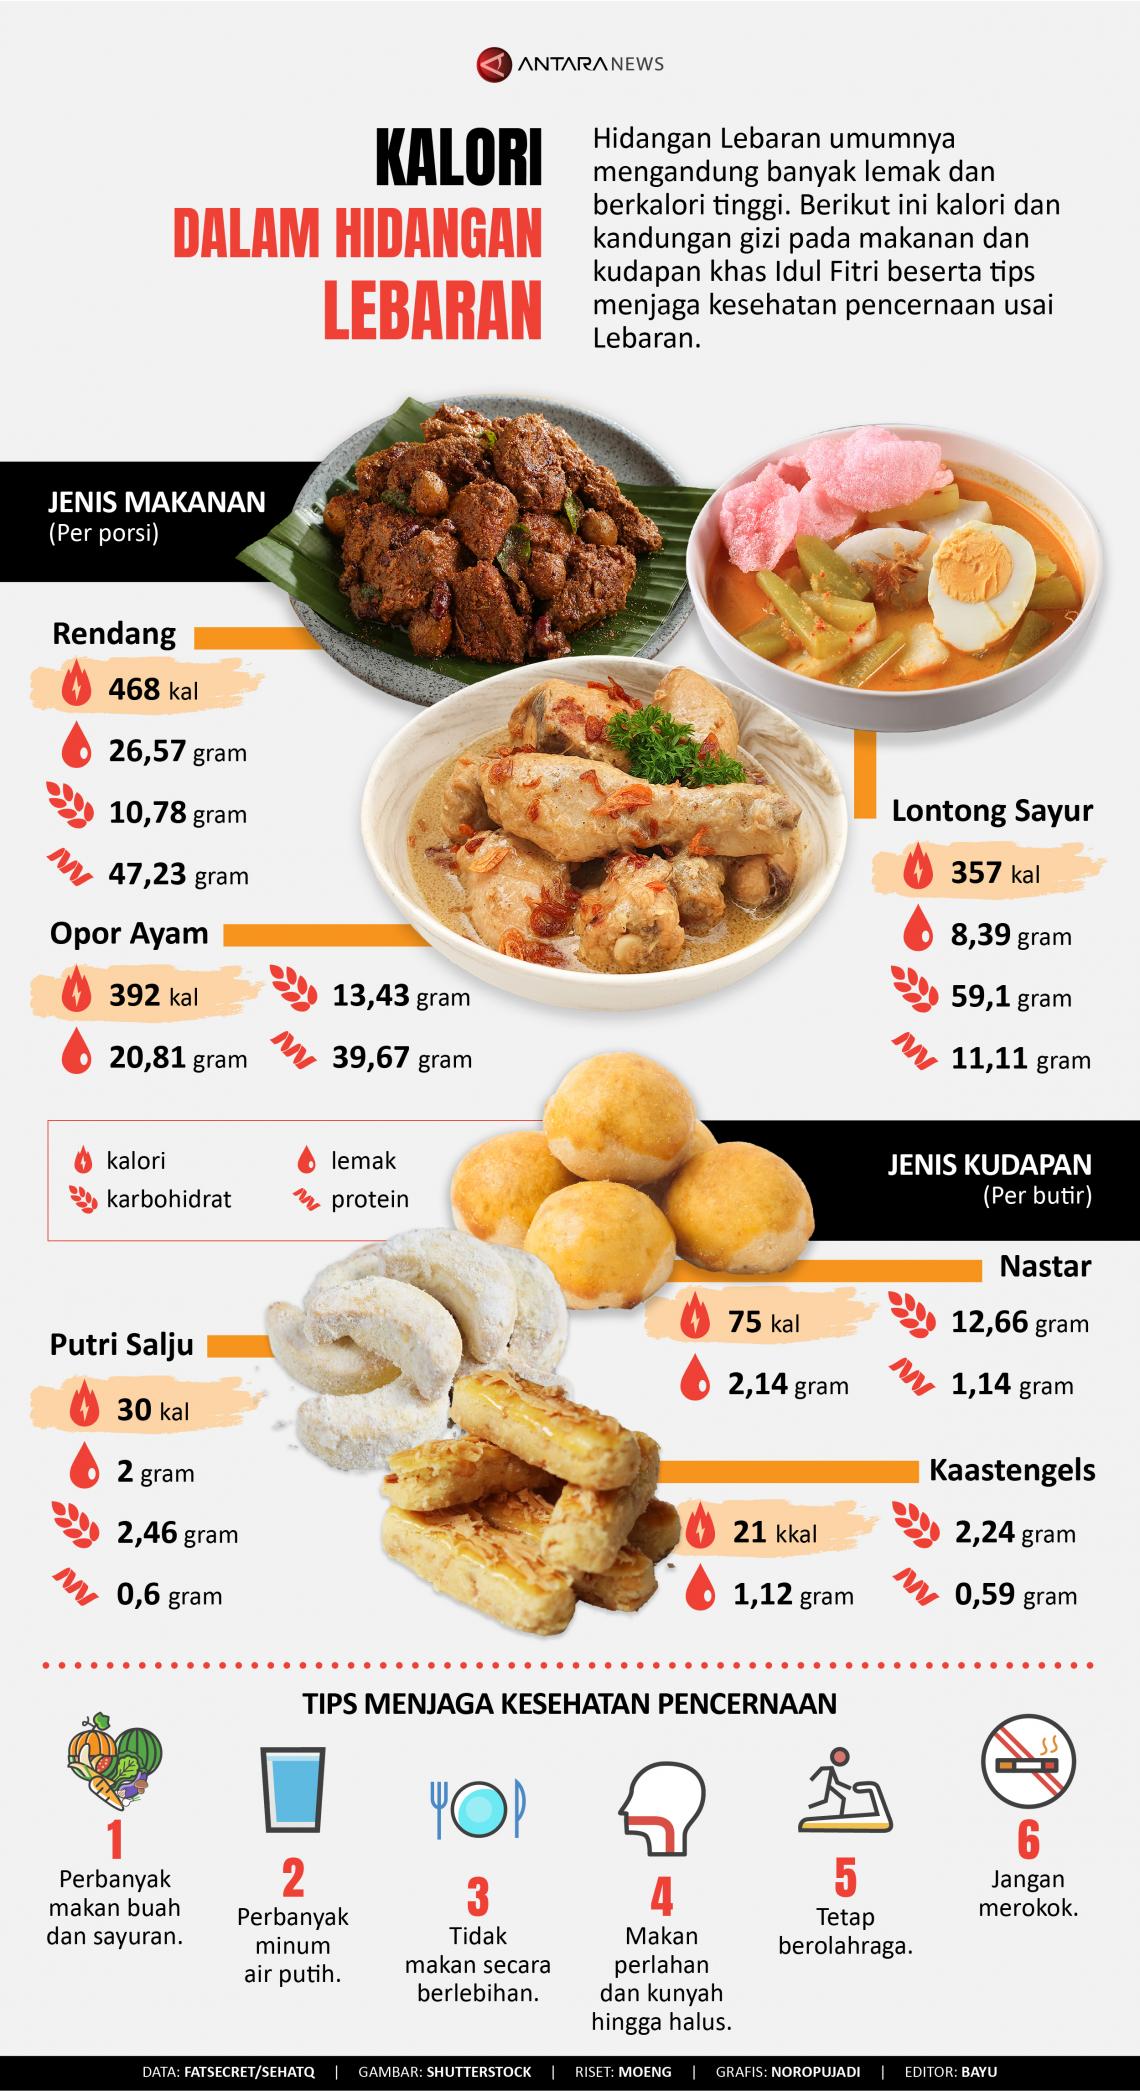 Kalori dalam hidangan Lebaran